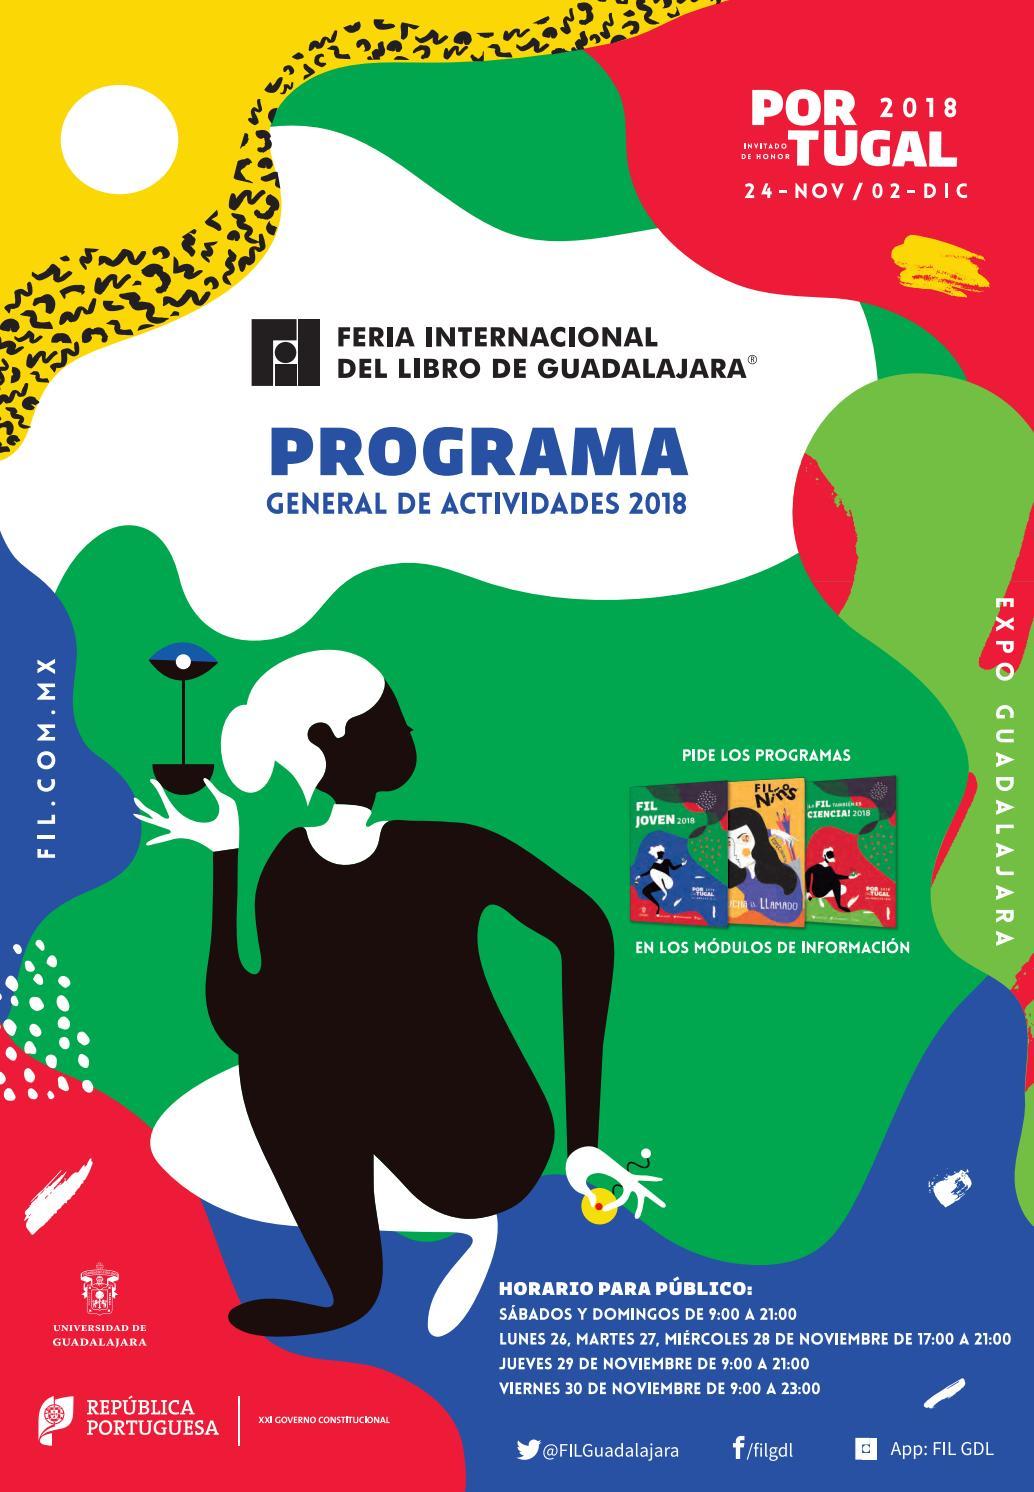 Programa De Mano Fil 2018 By Feria Internacional Del Libro